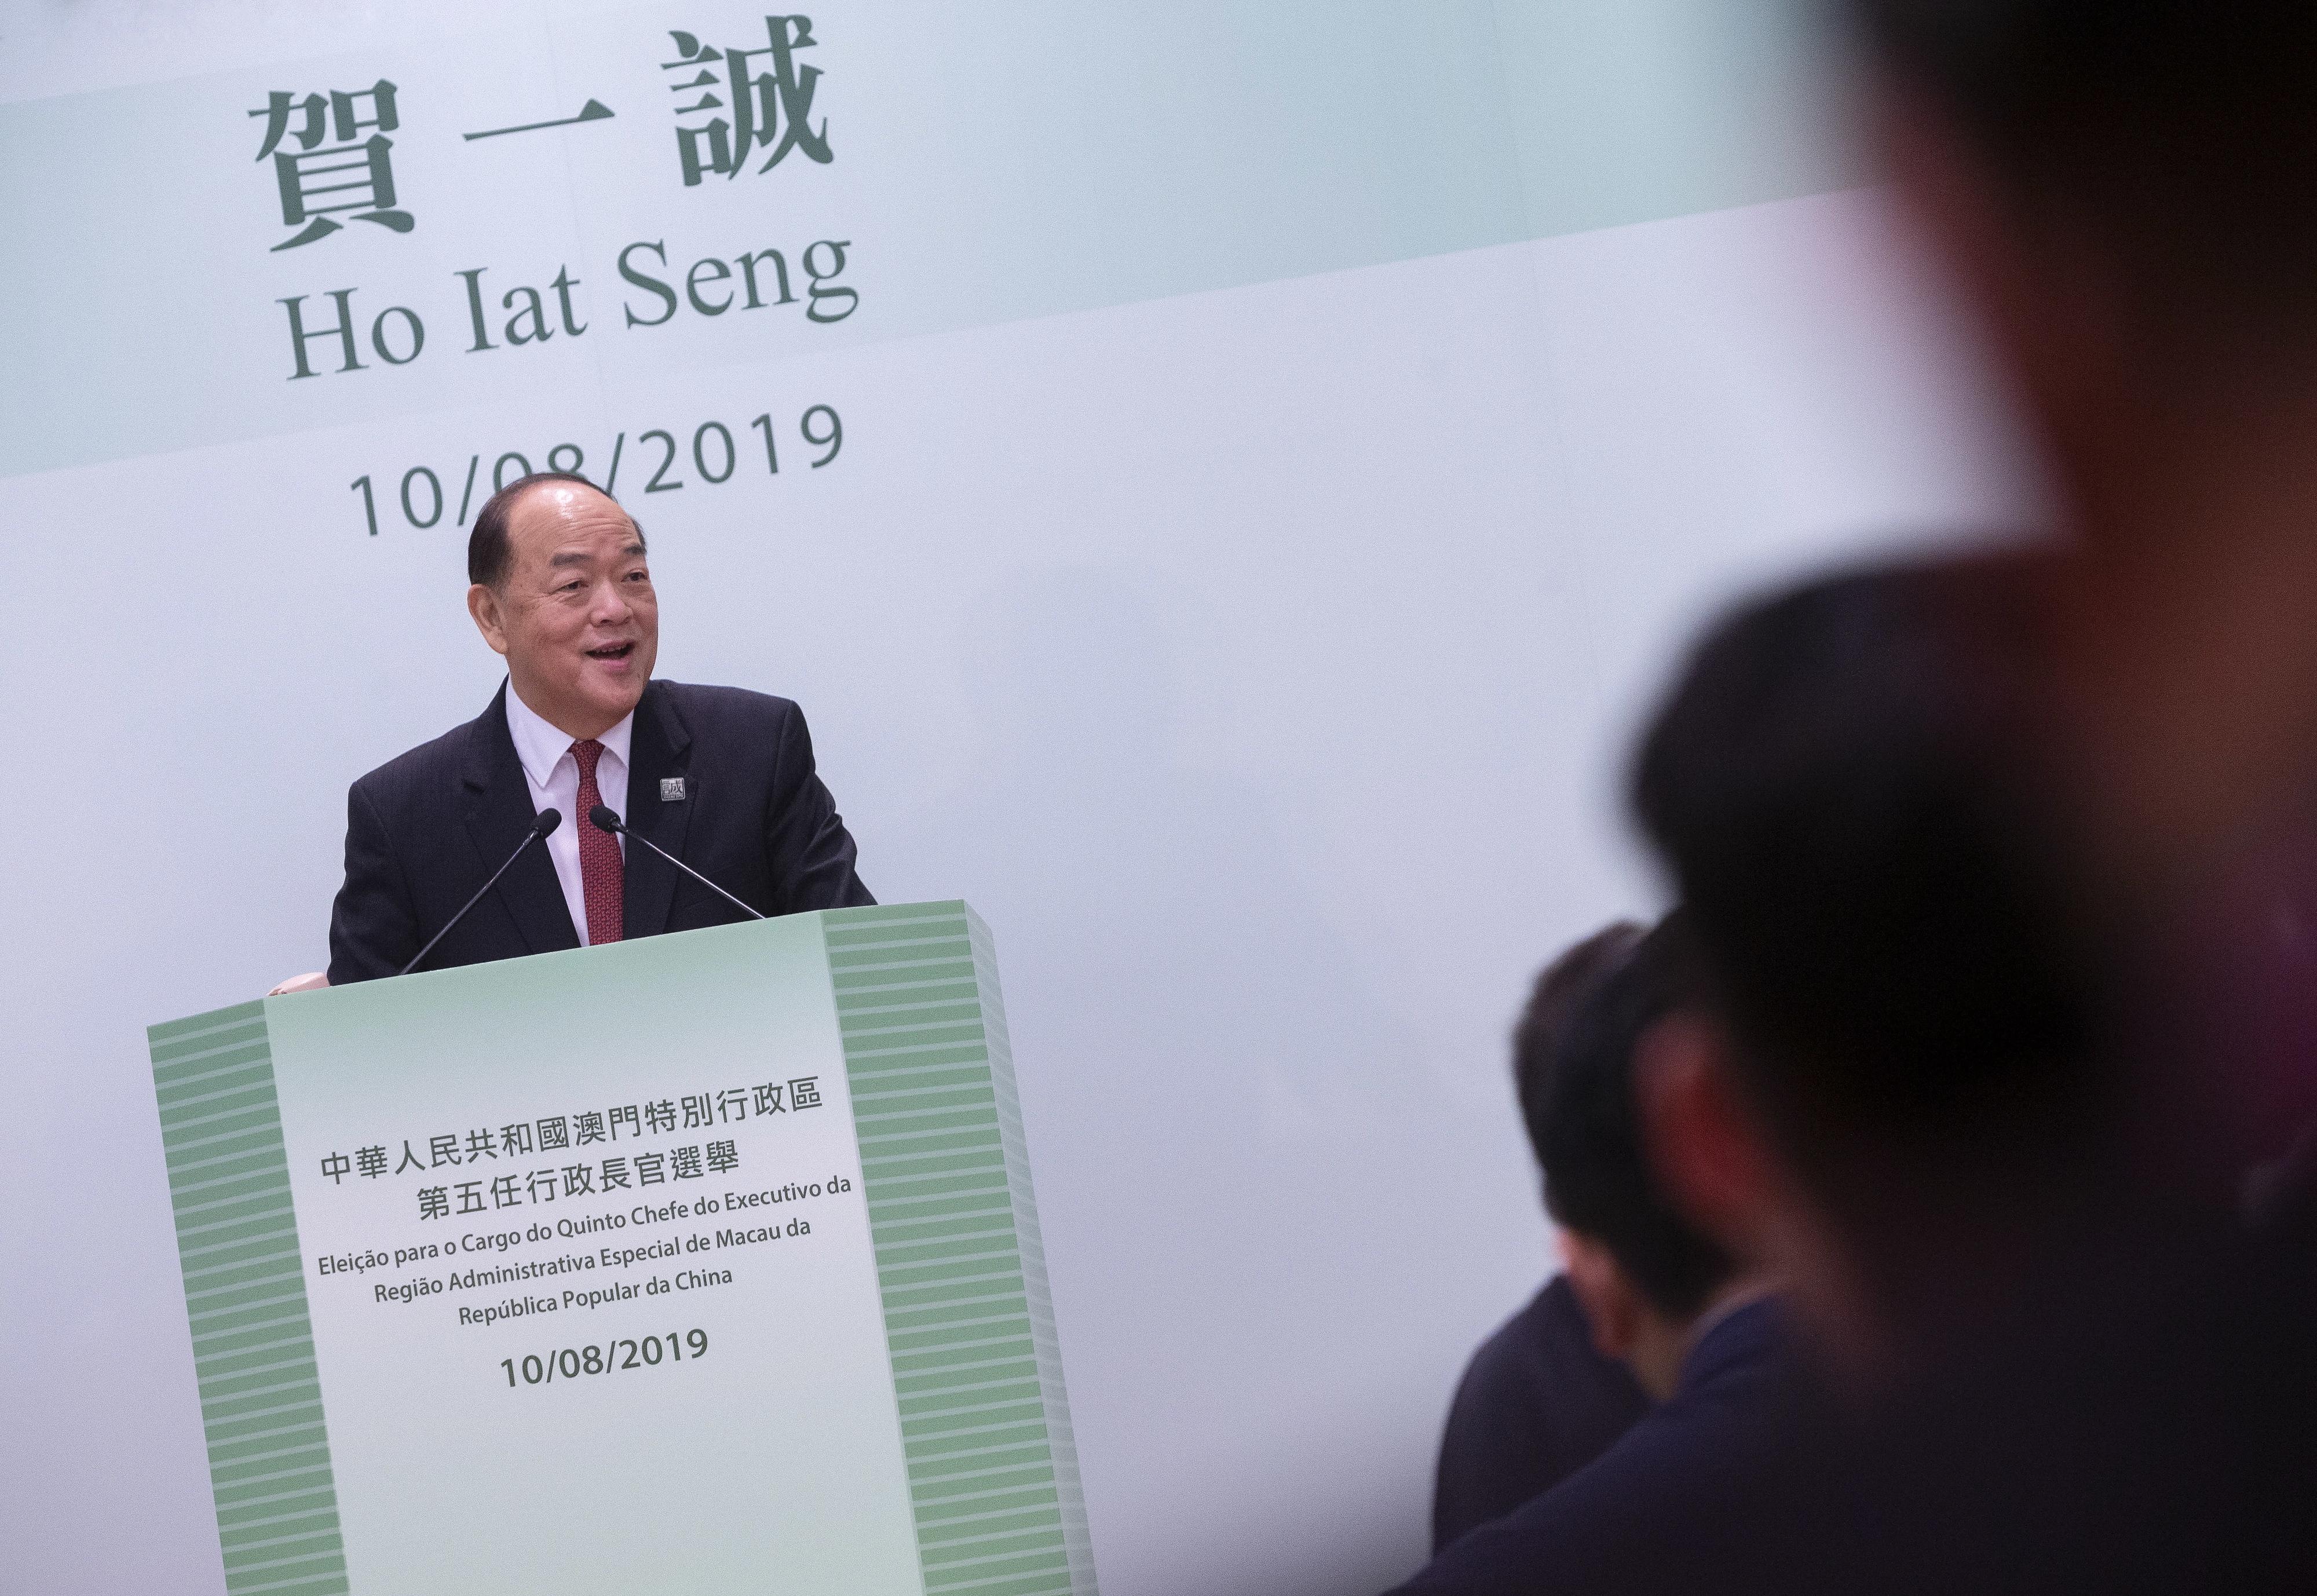 Ho Iat Seng eleito novo chefe do Governo de Macau